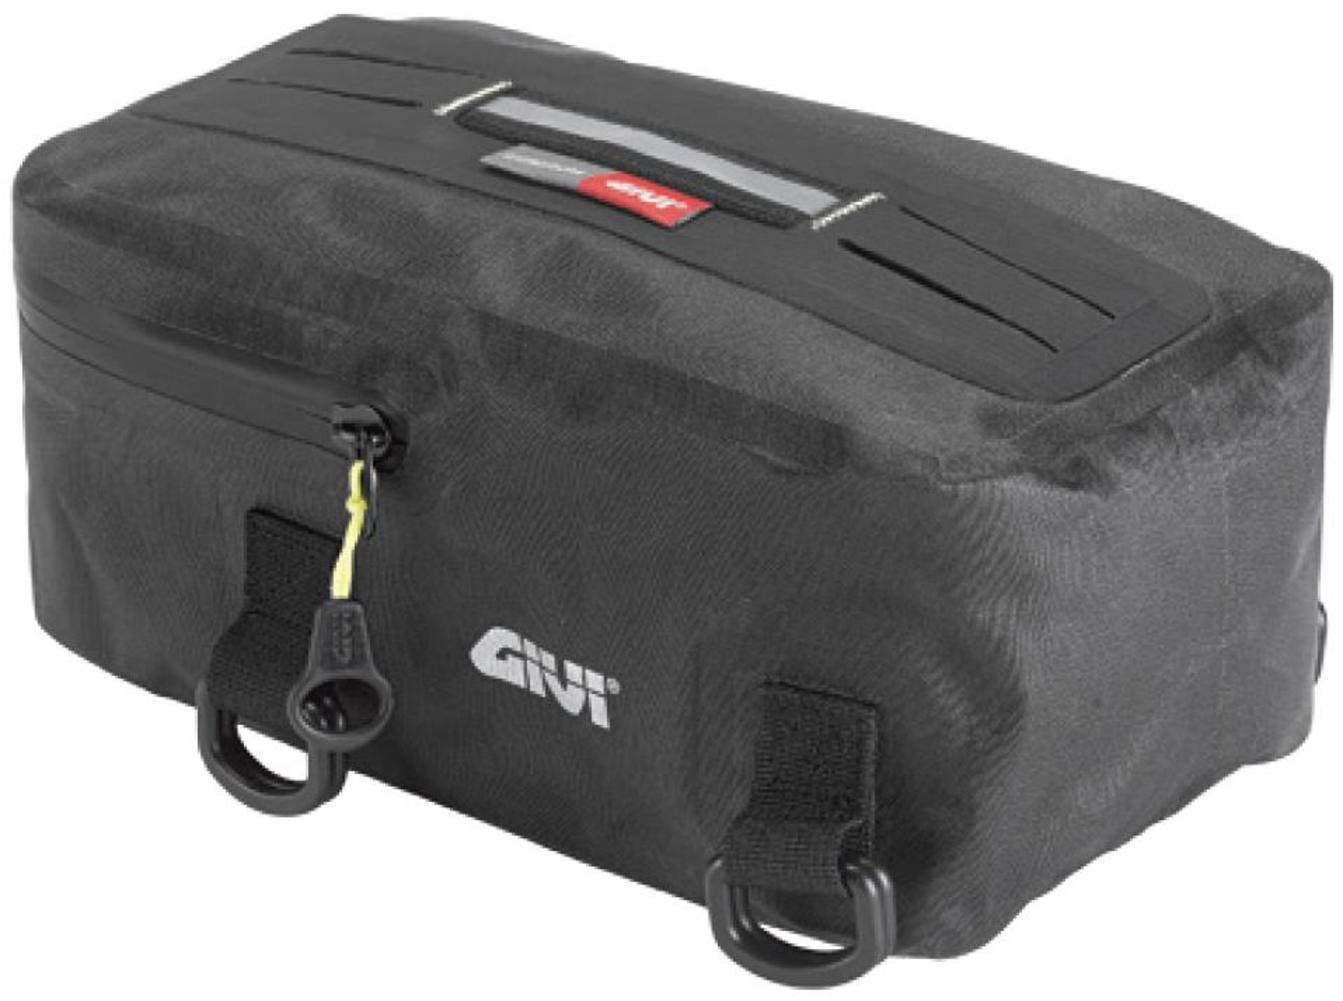 BORSE MOTO GIVI GRT707 Borsello porta attrezzi waterproof